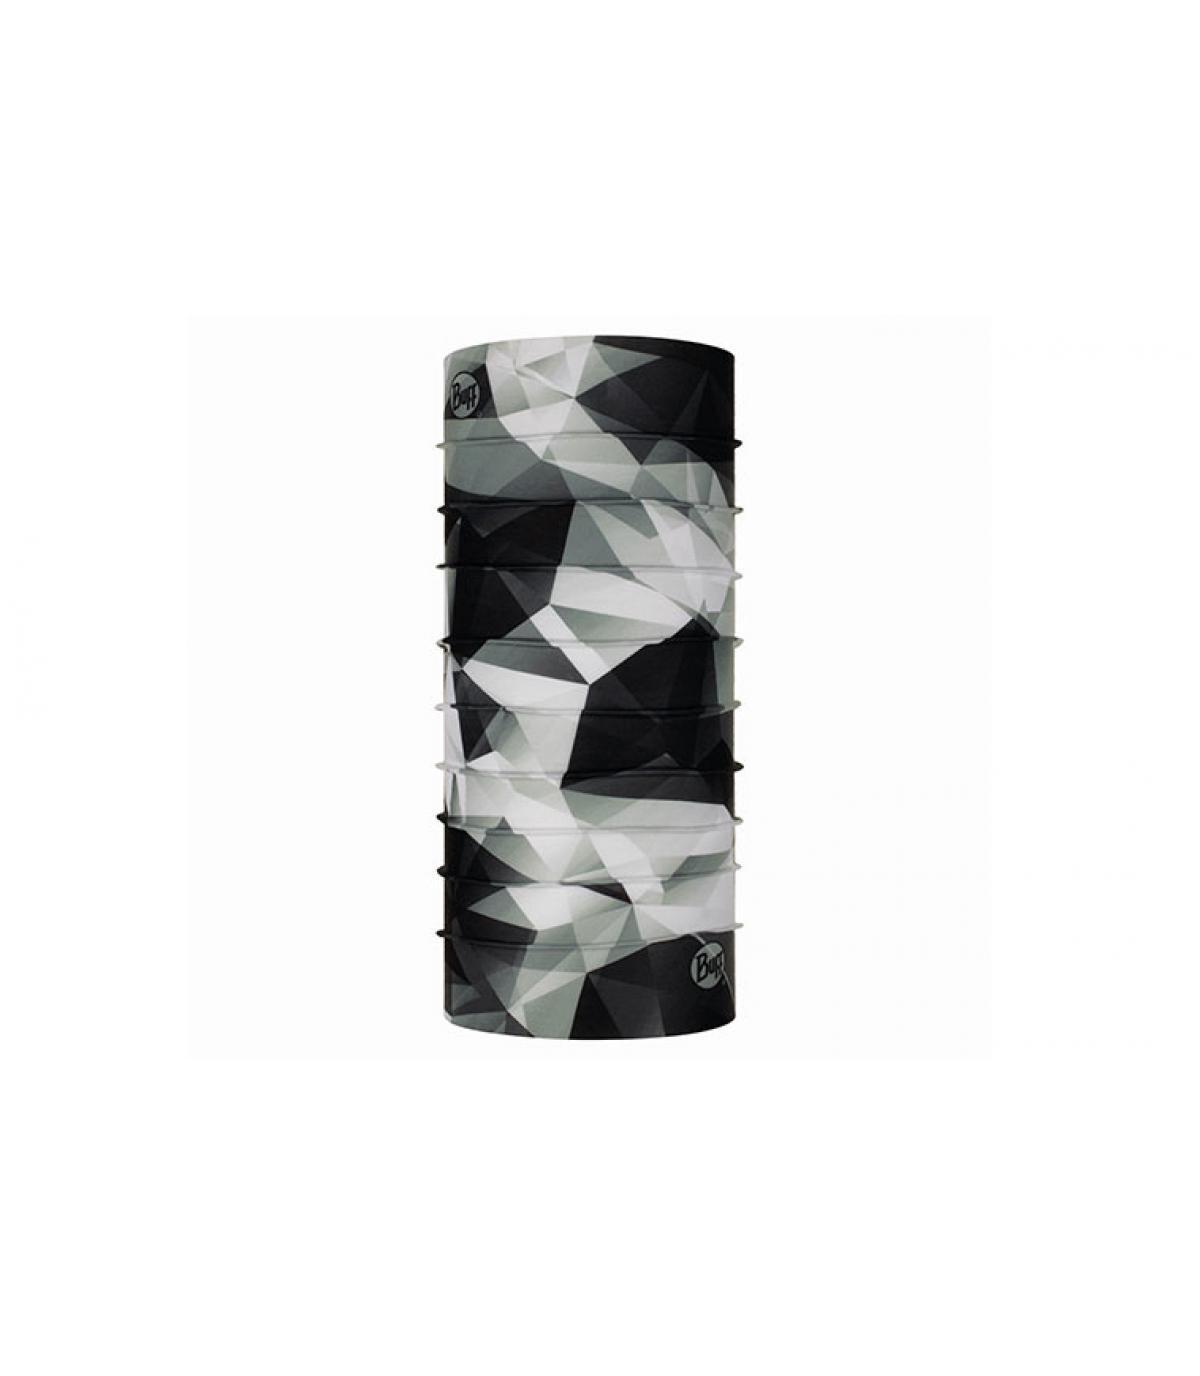 Buff noir blanc imprimé géométrique